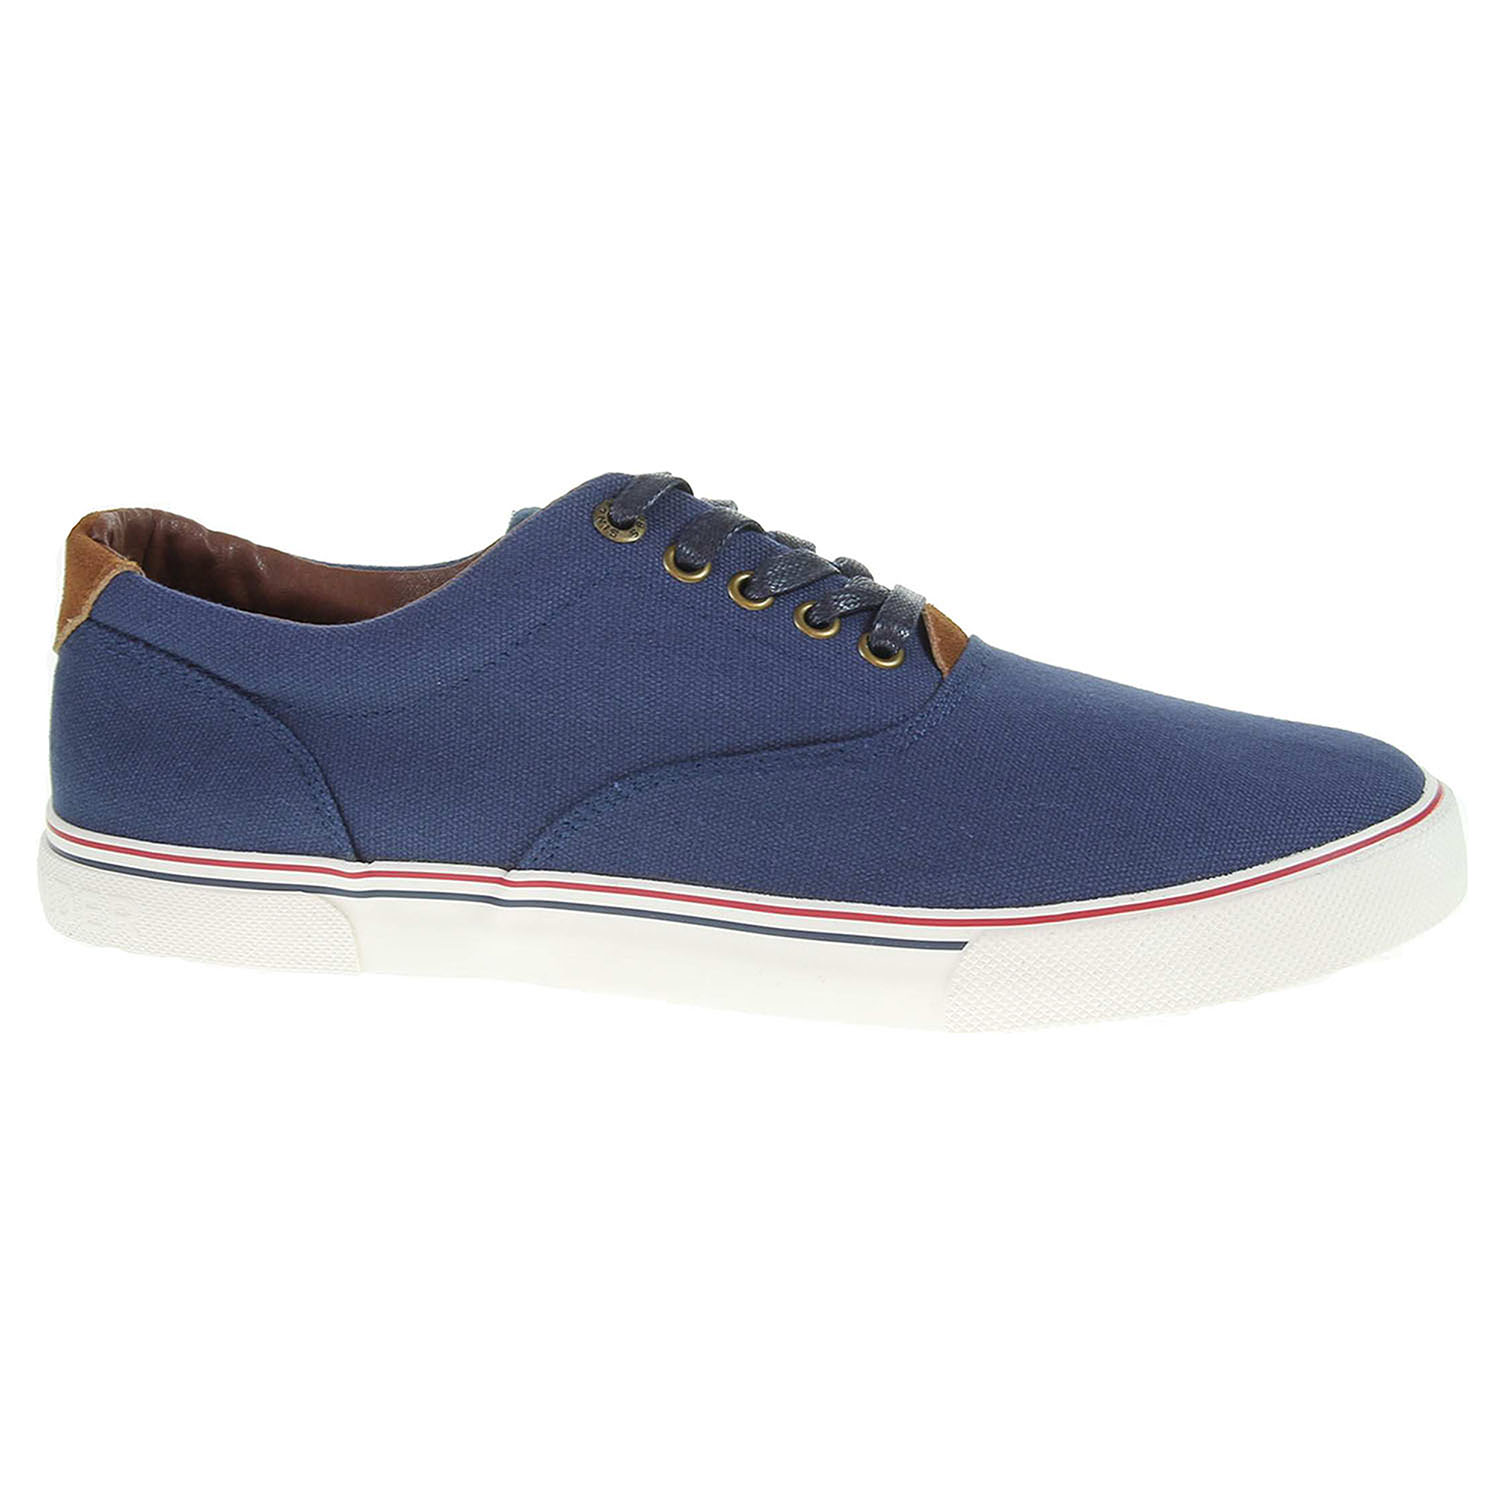 2f71a18dce1a detail Pánska topánky Salamander 60304-32 modrá